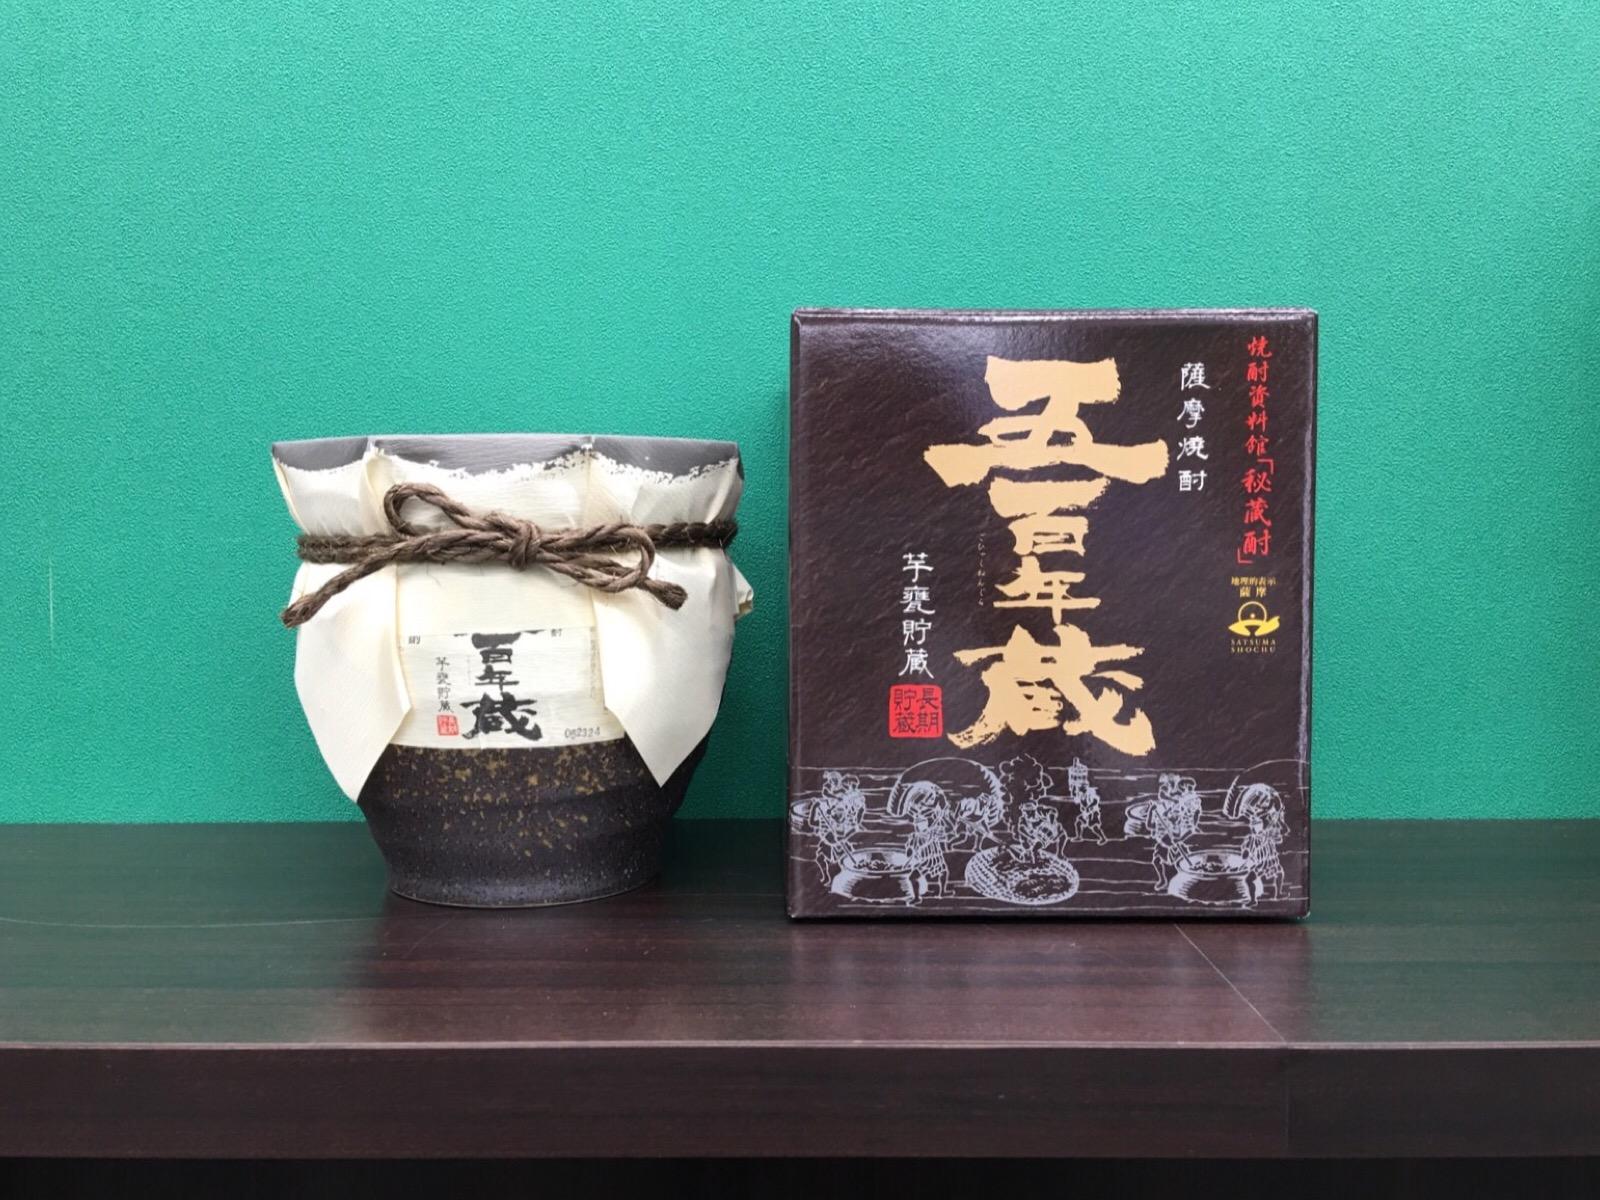 五百年蔵 甕貯蔵 芋焼酎